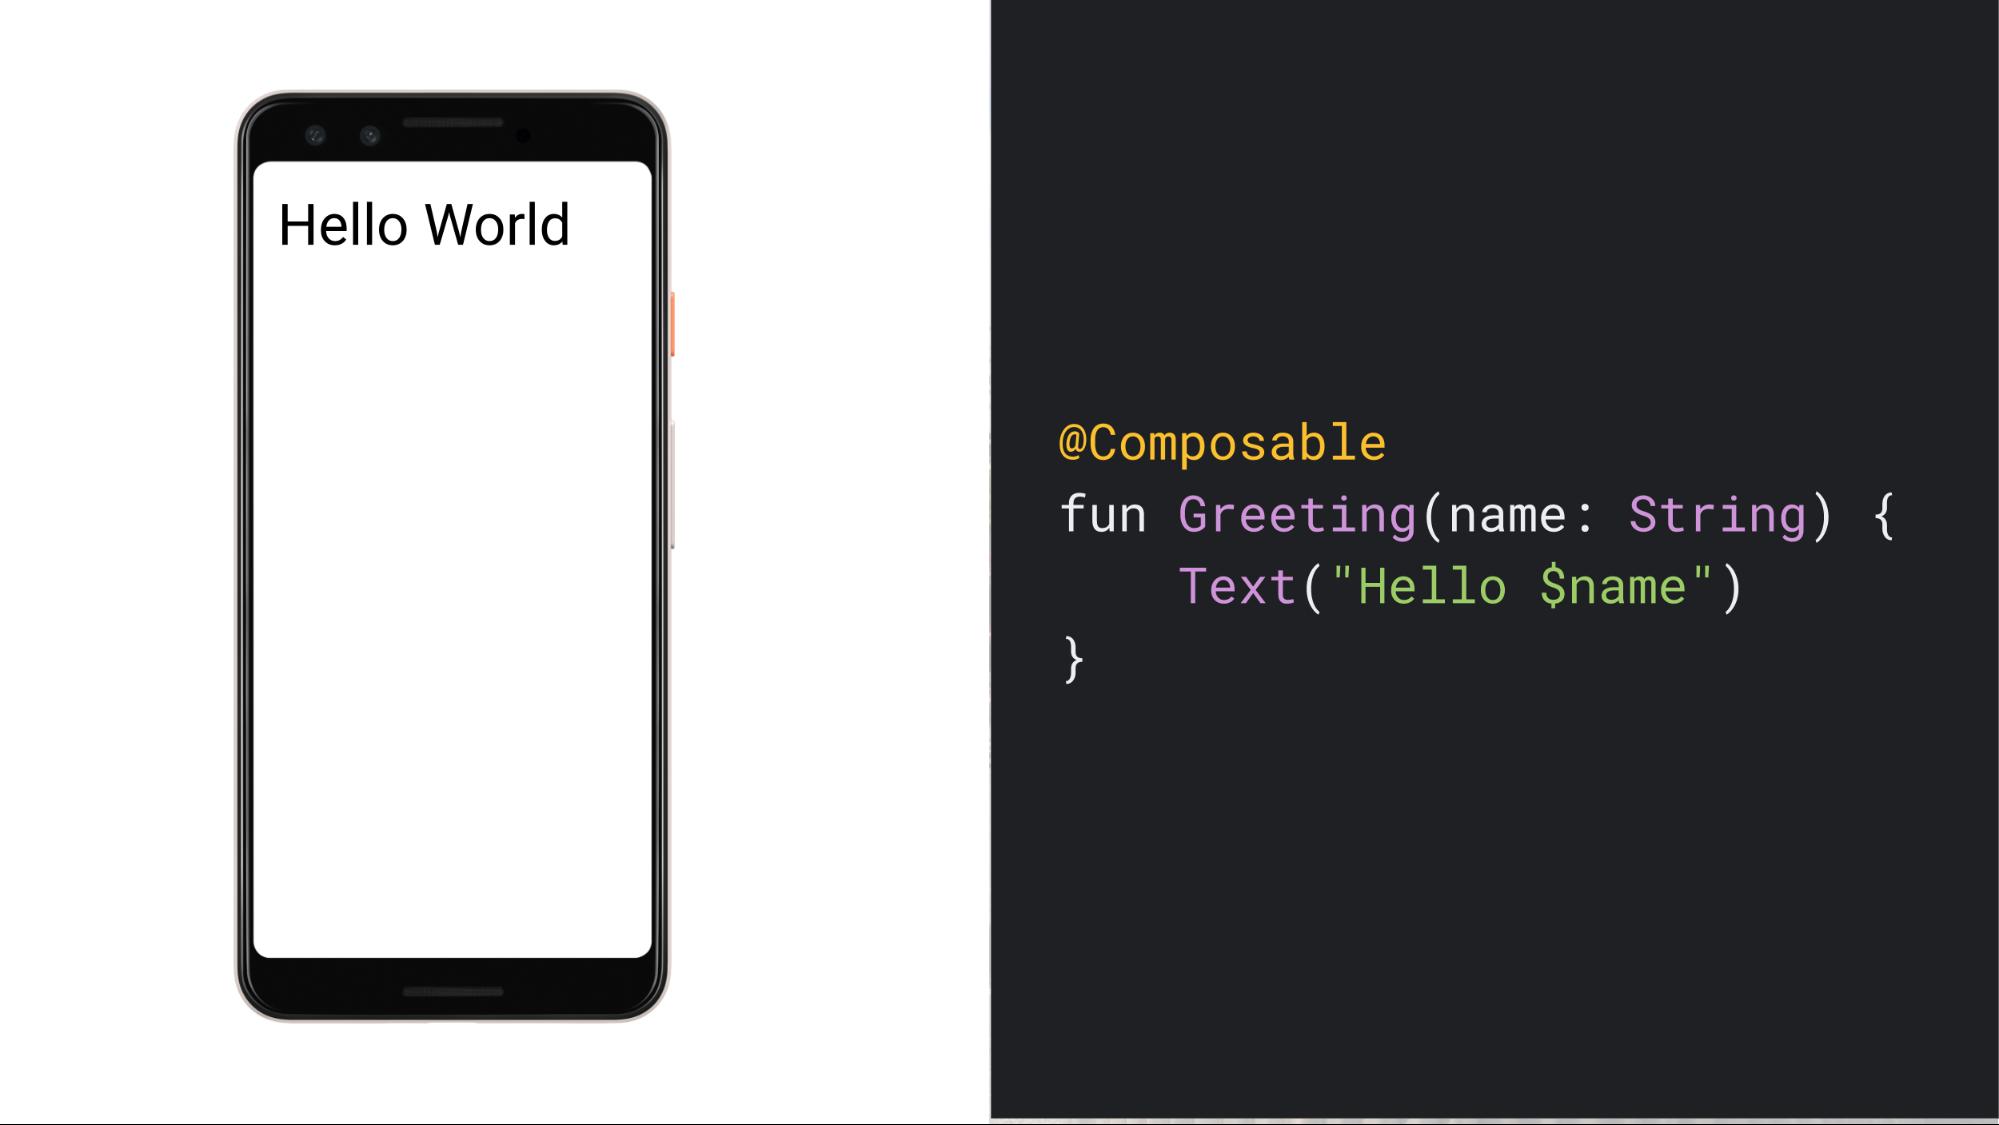 テキスト「Hello World」を表示するスマートフォンのスクリーンショットと、その UI を生成するシンプルでコンポーズ可能な関数のコード